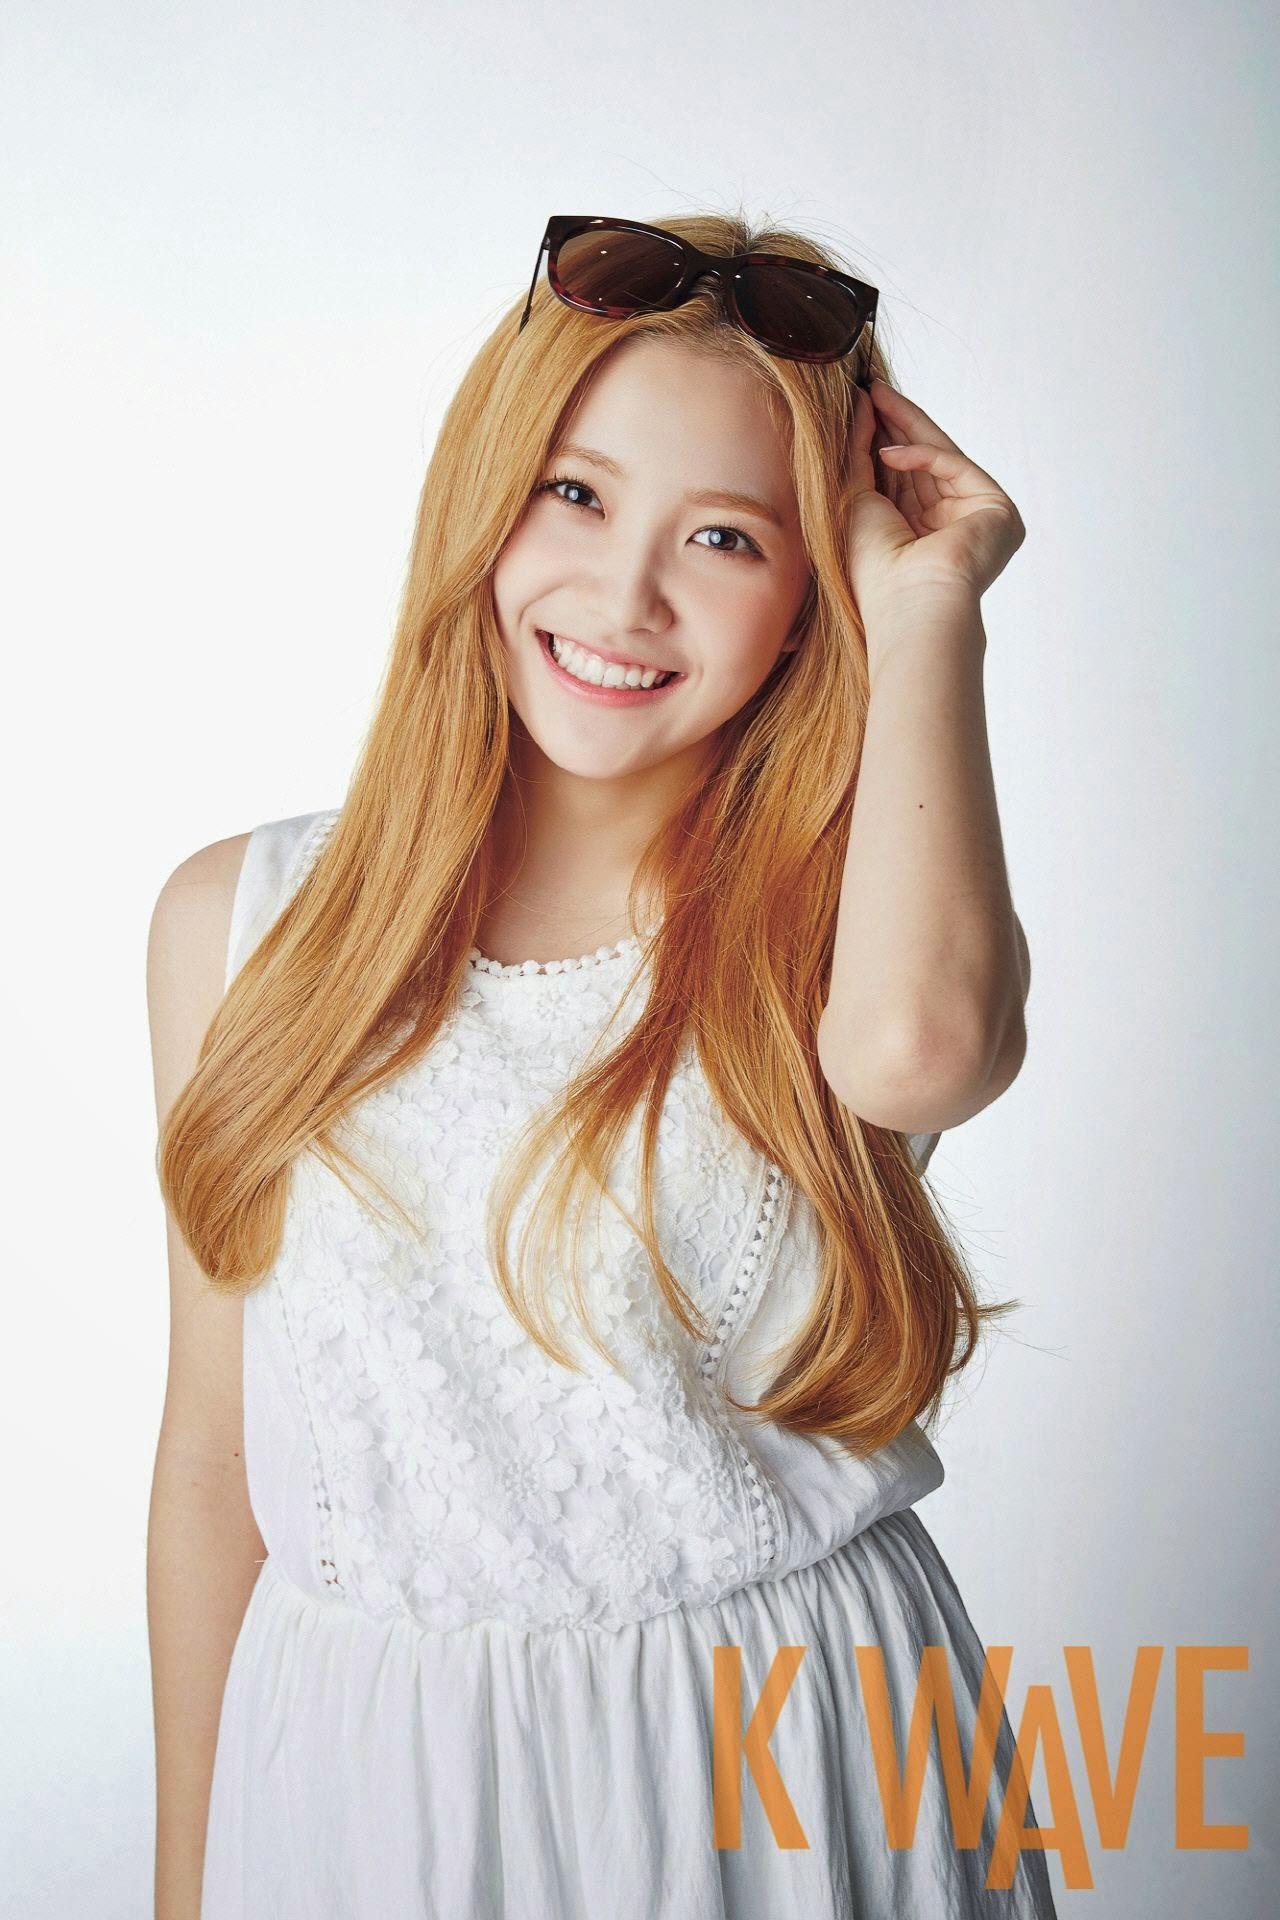 Yeri Red Velvet Kwave May 2015